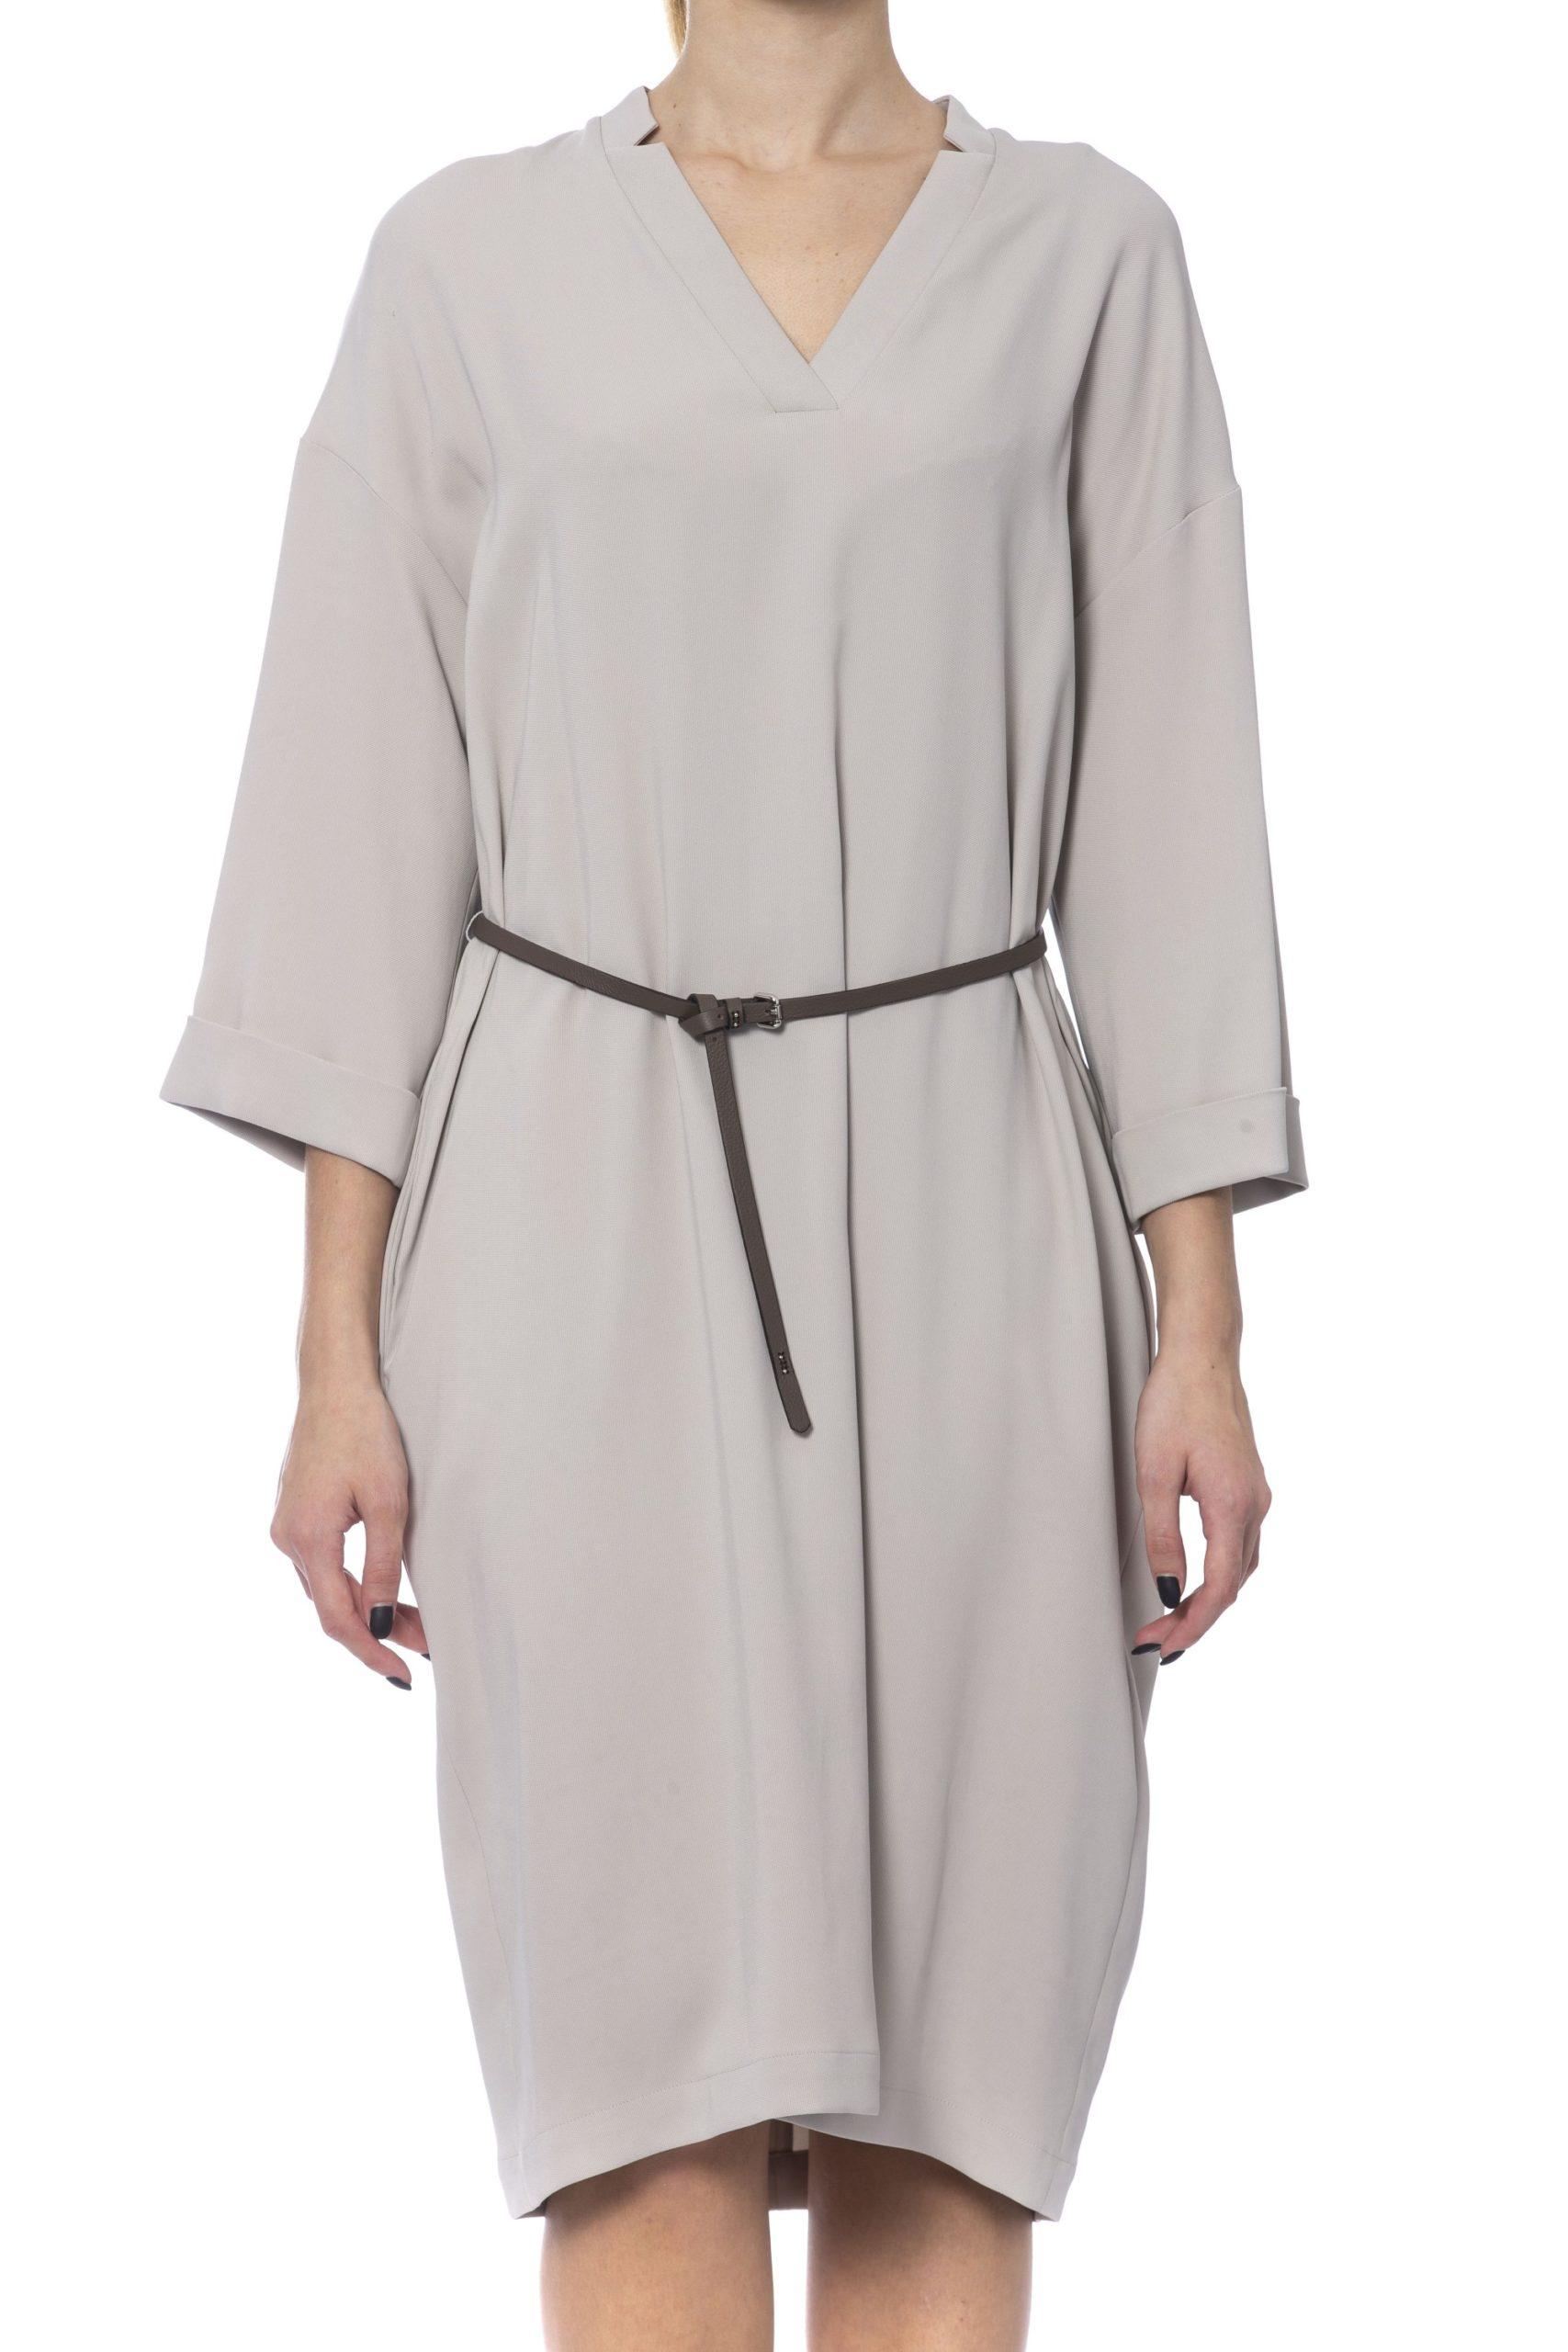 Peserico Women's Dress Beige PE993596 - IT42   S